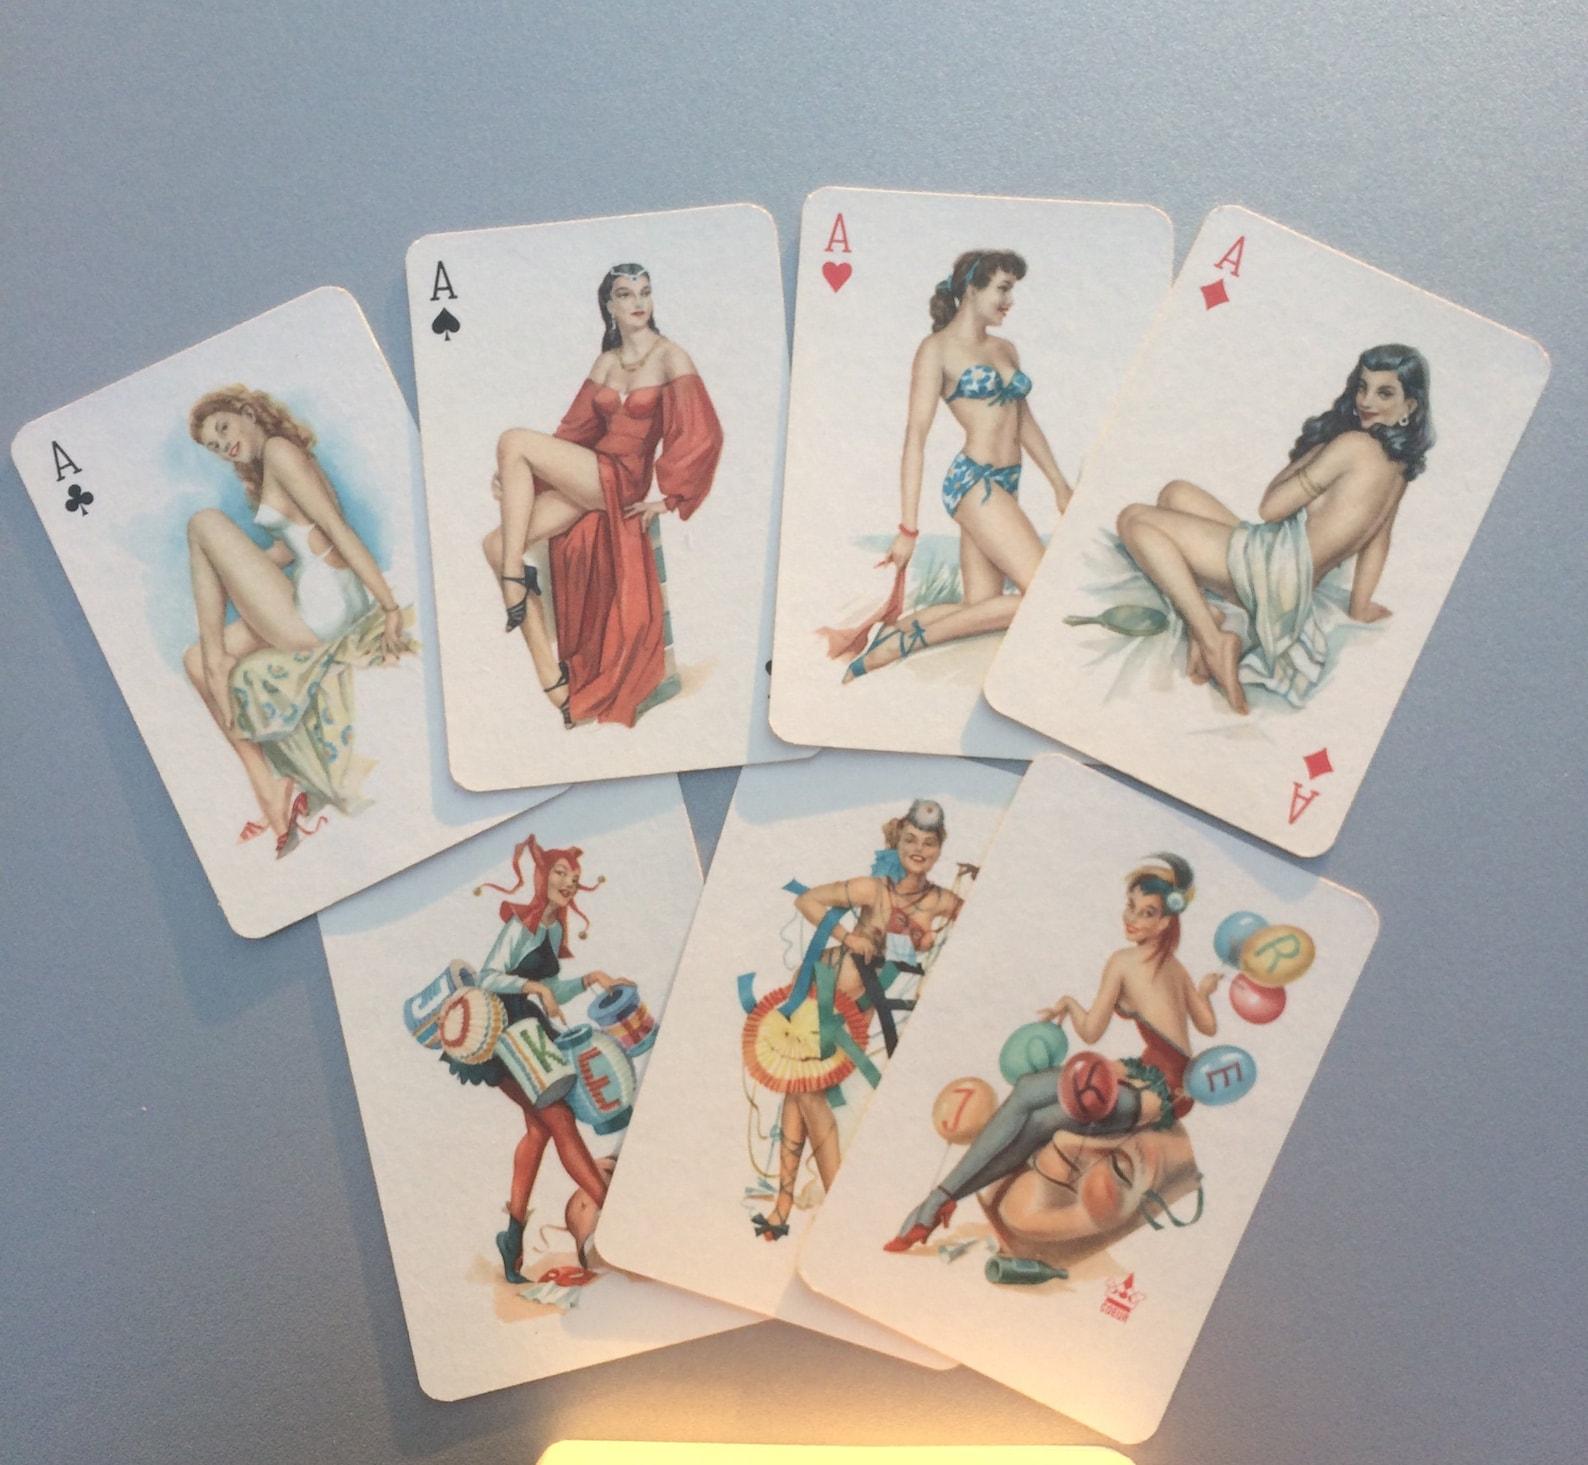 Antique Metamorphic Postcard Erotic Composition